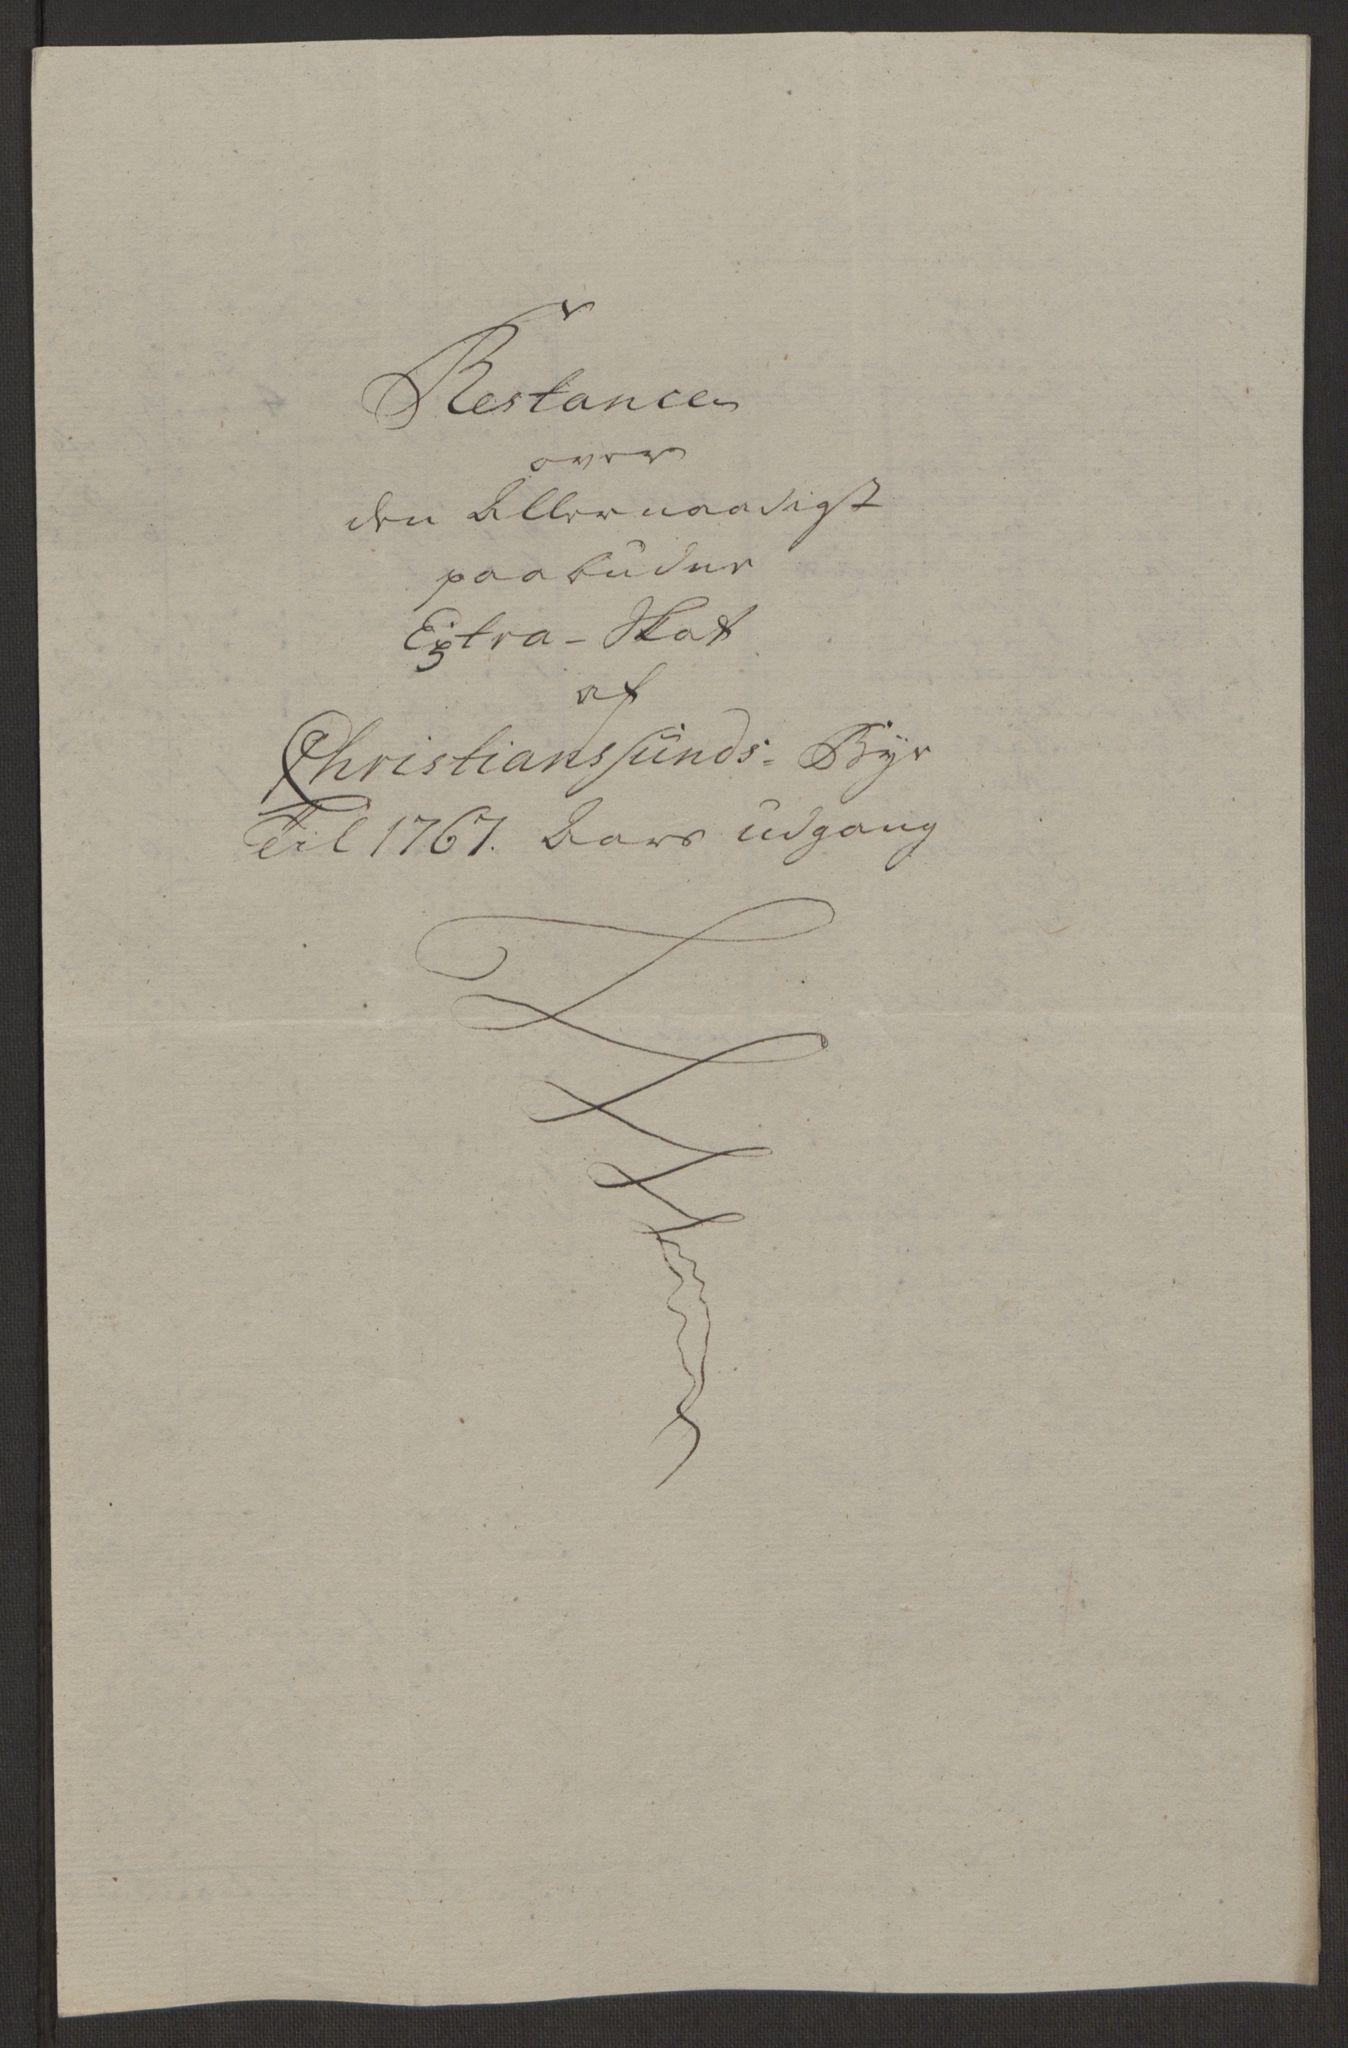 RA, Rentekammeret inntil 1814, Reviderte regnskaper, Byregnskaper, R/Rr/L0495: [R1] Kontribusjonsregnskap, 1762-1772, s. 147